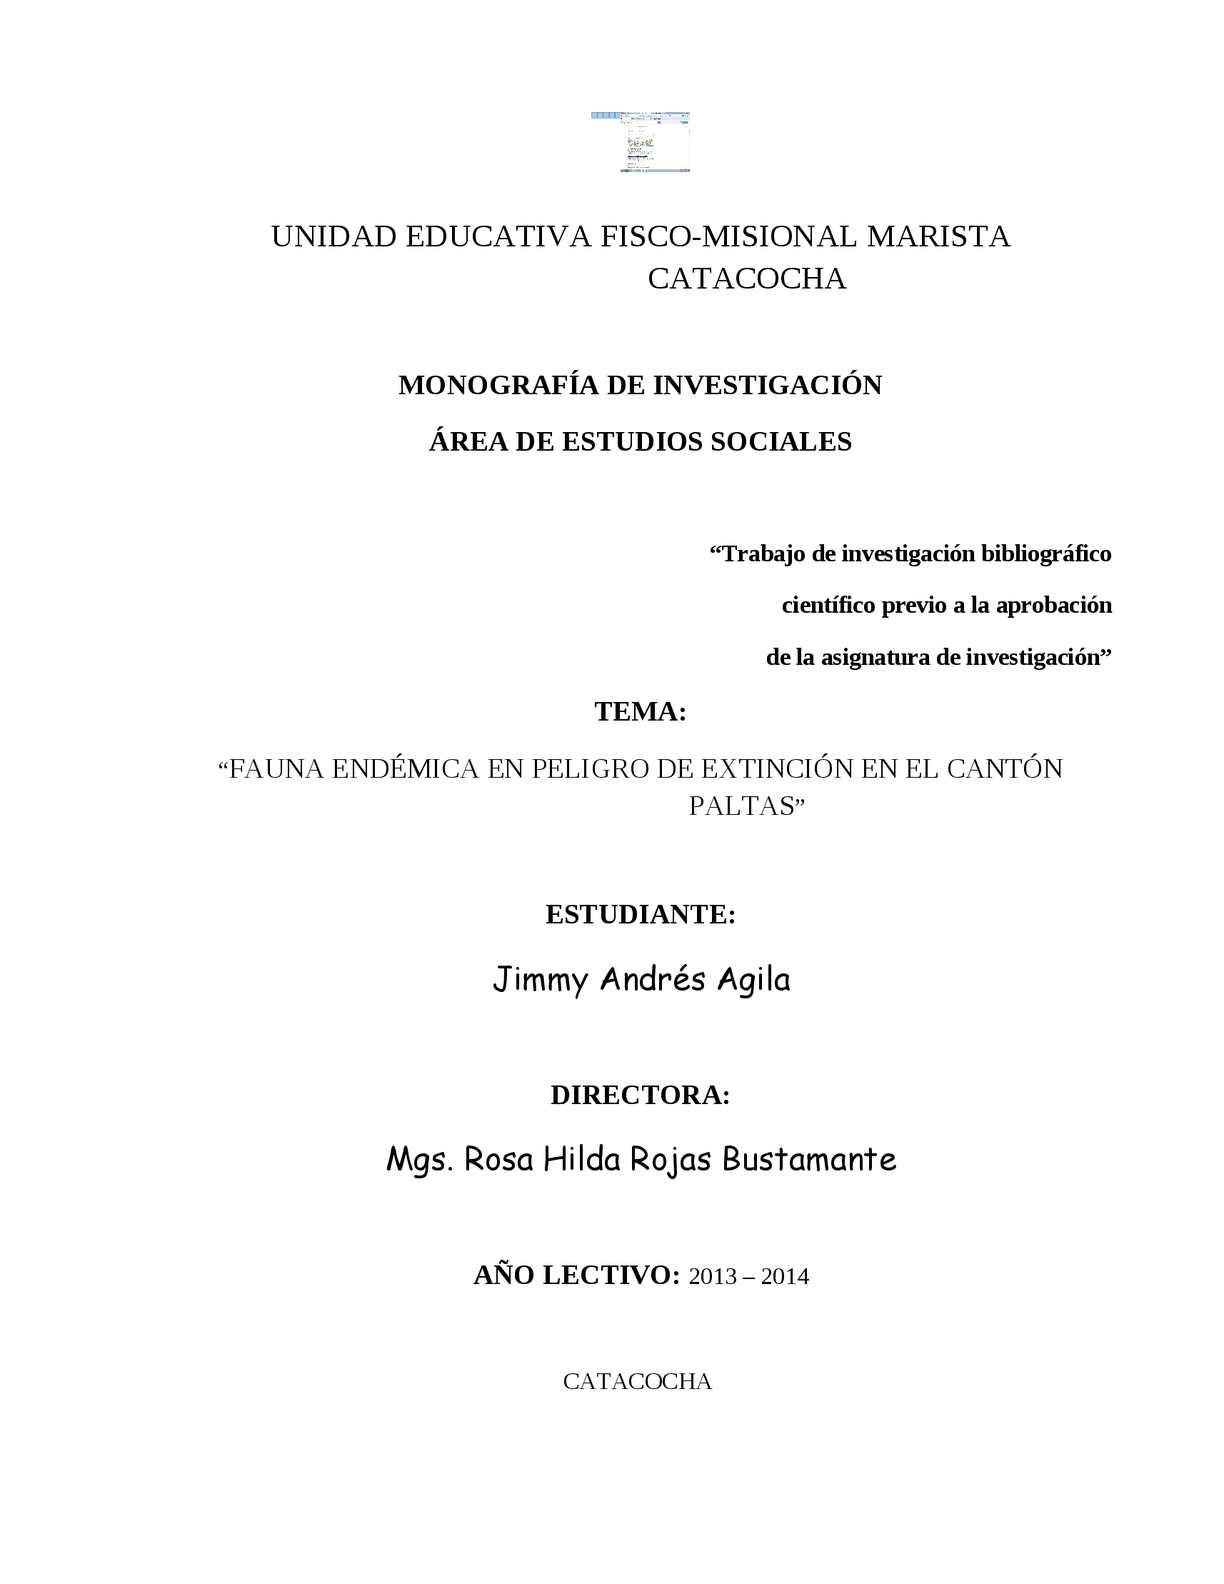 monografía sobre fauna endemica en el canton paltas